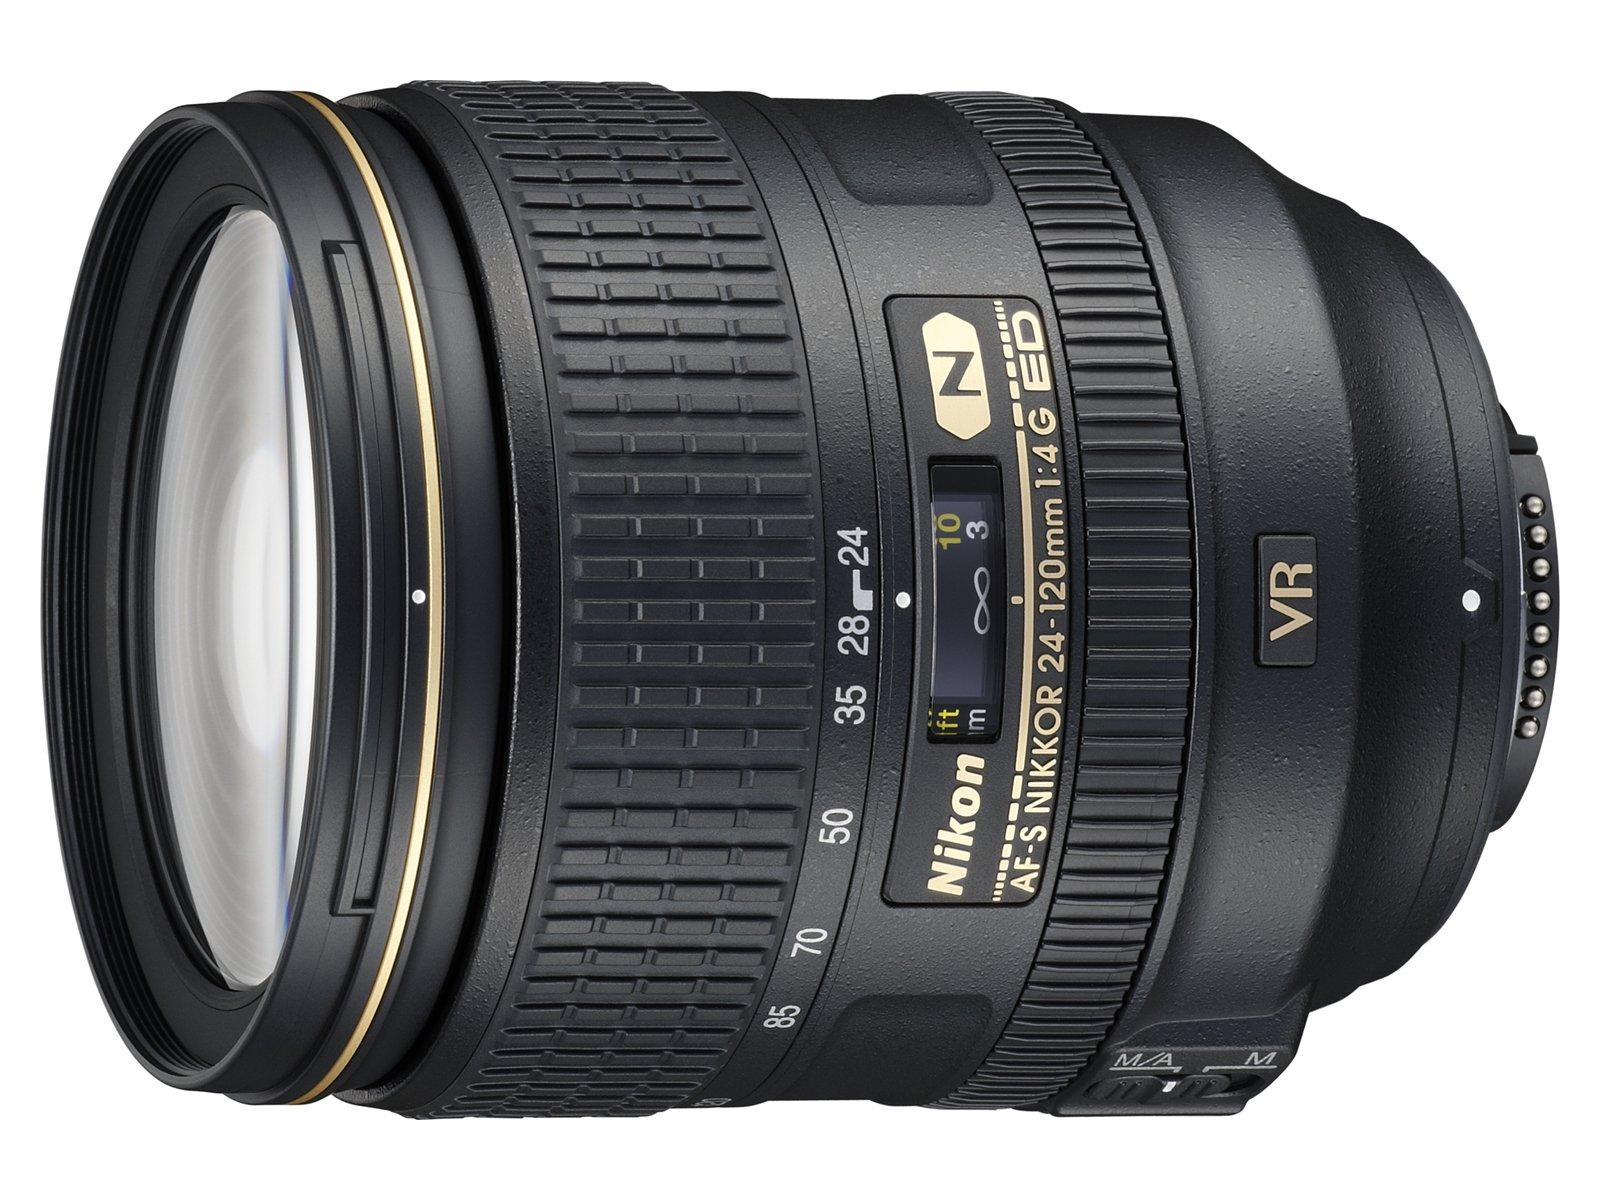 Nikon Standard Zoom Lens AF-S NIKKOR 24-120mm f / 4G ED VR Full Size corresponding by Nikon